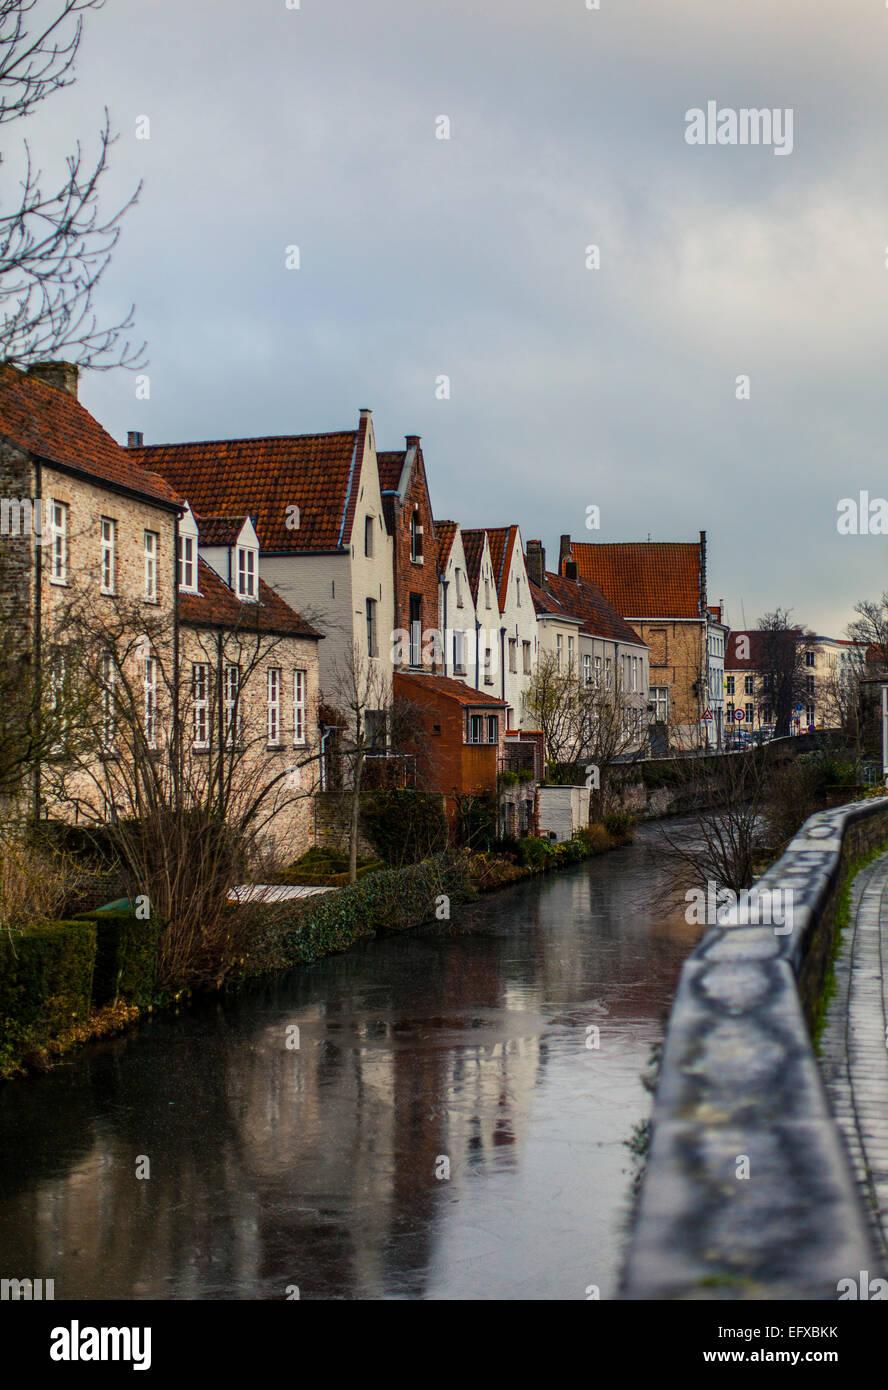 Frozen canal in Brugge, Belgium - Stock Image